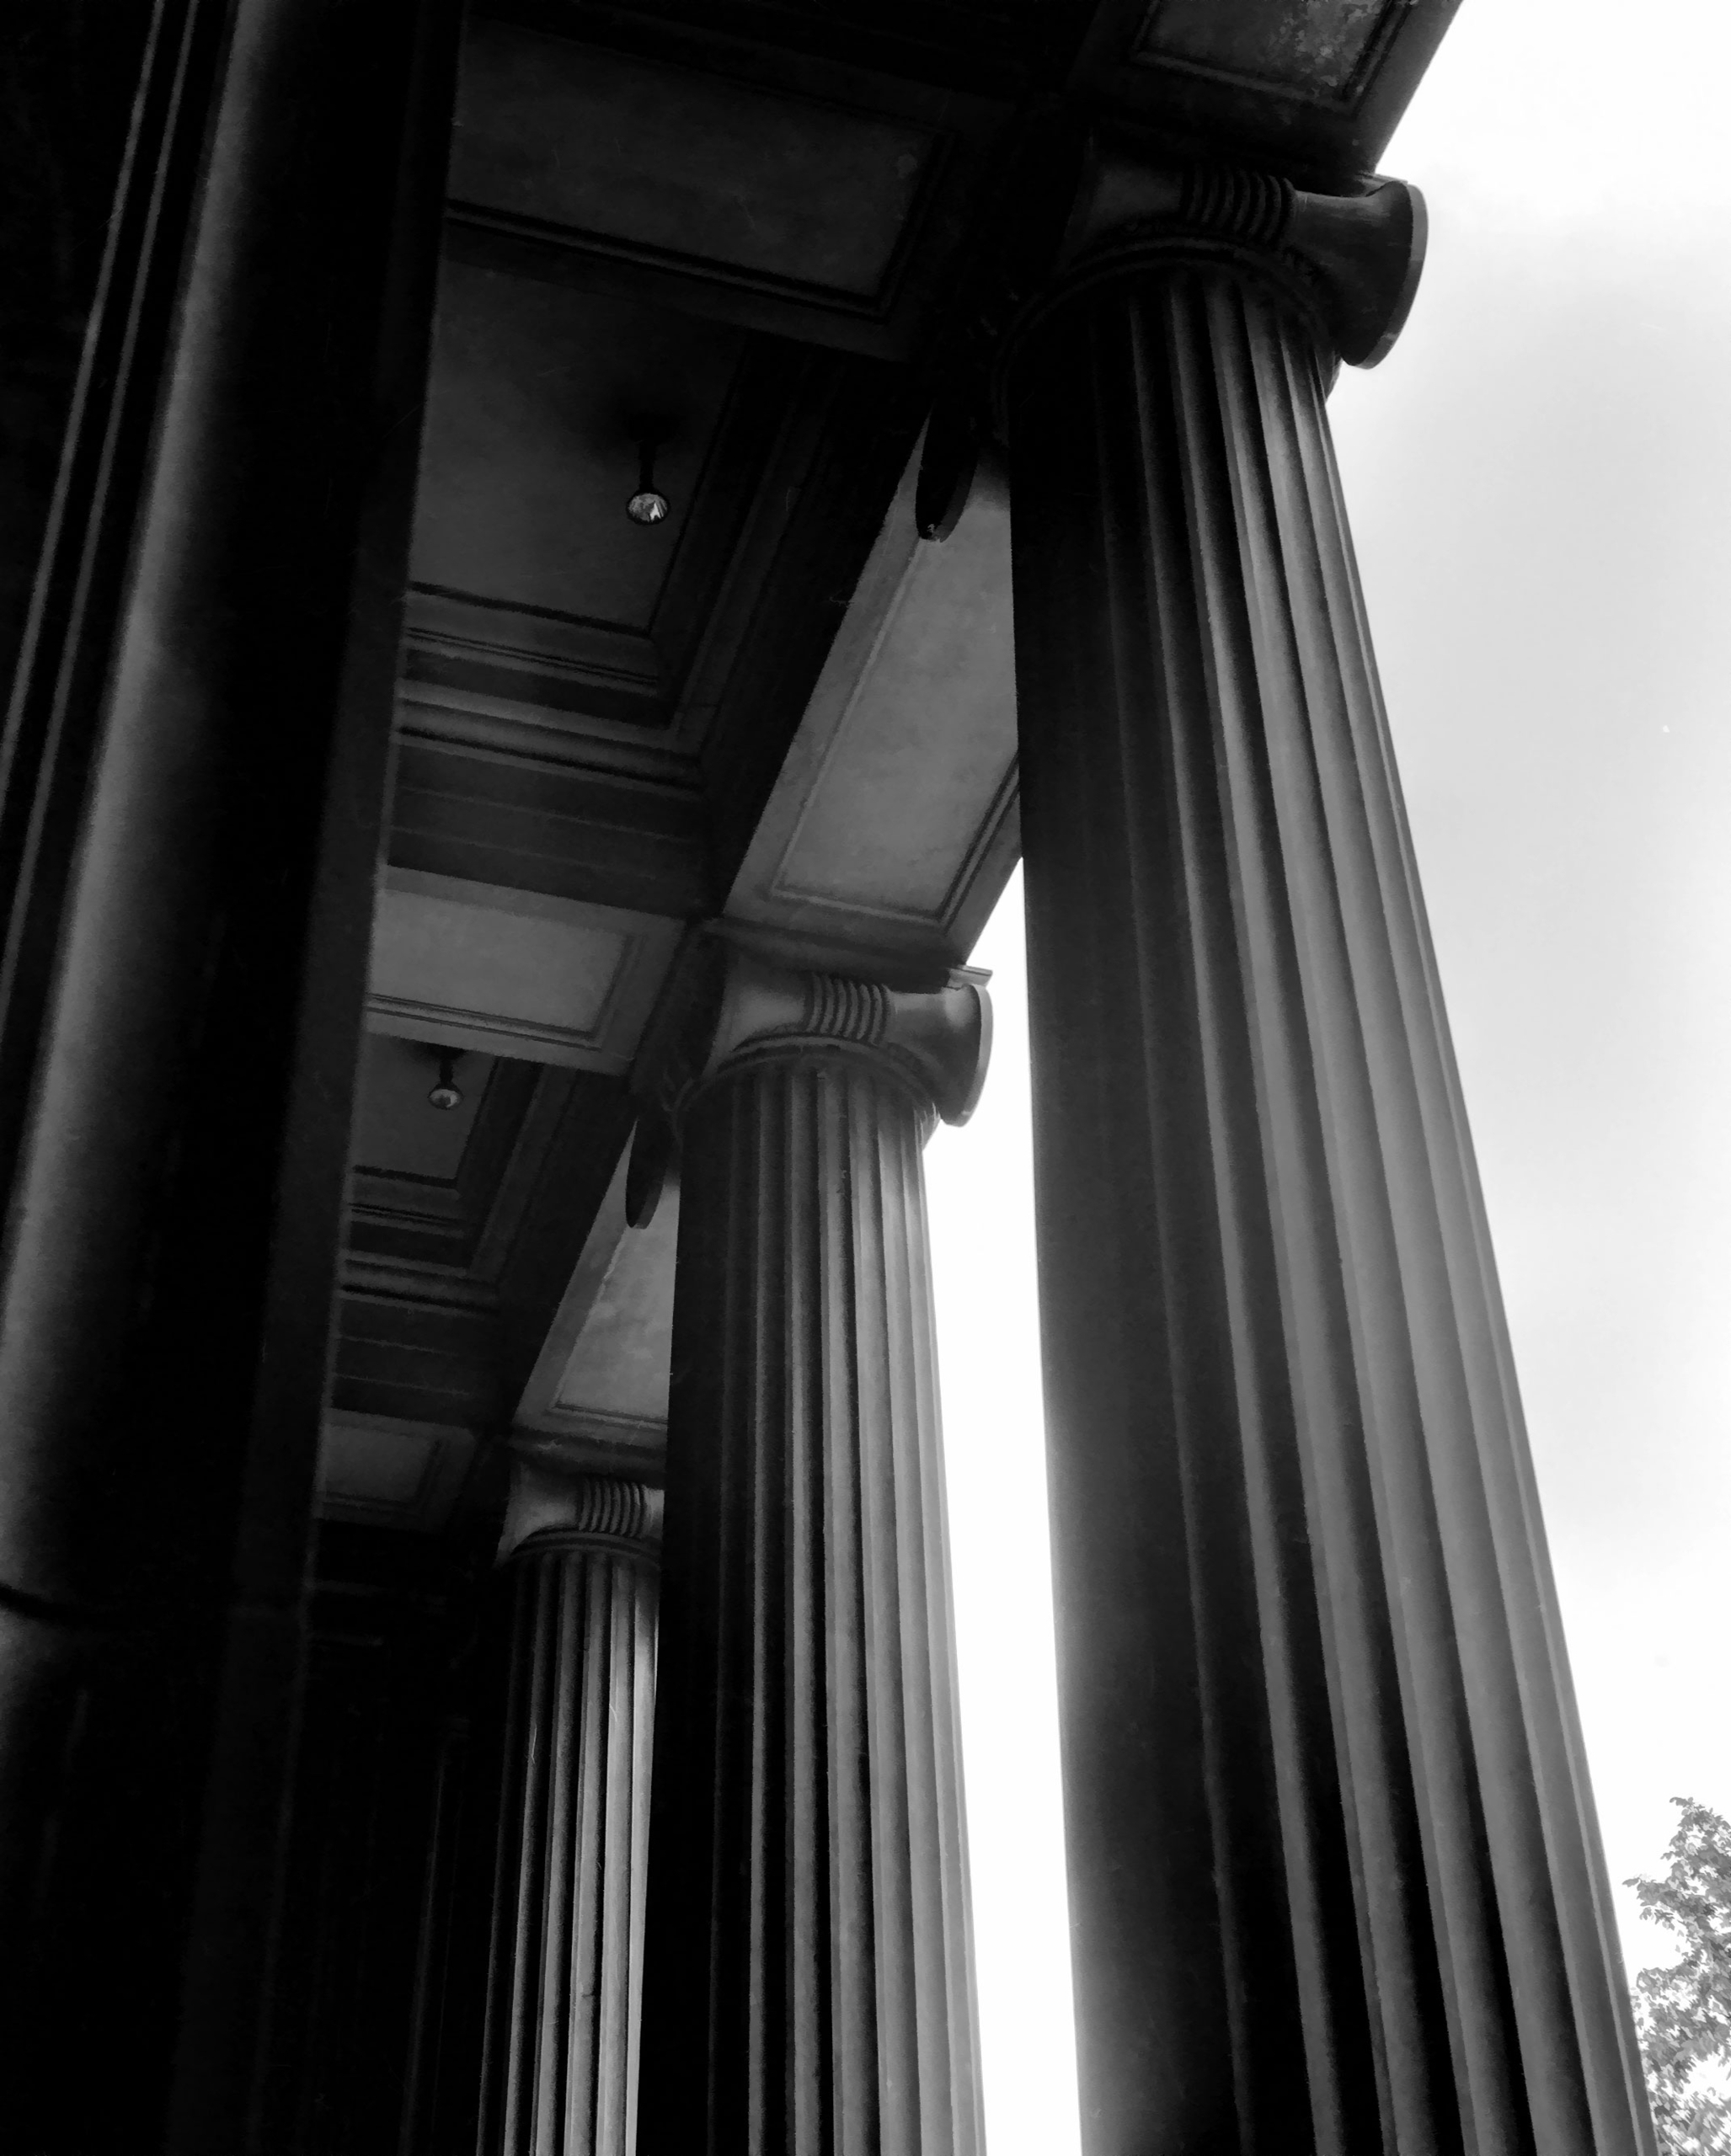 Columns - capnvideo | ello